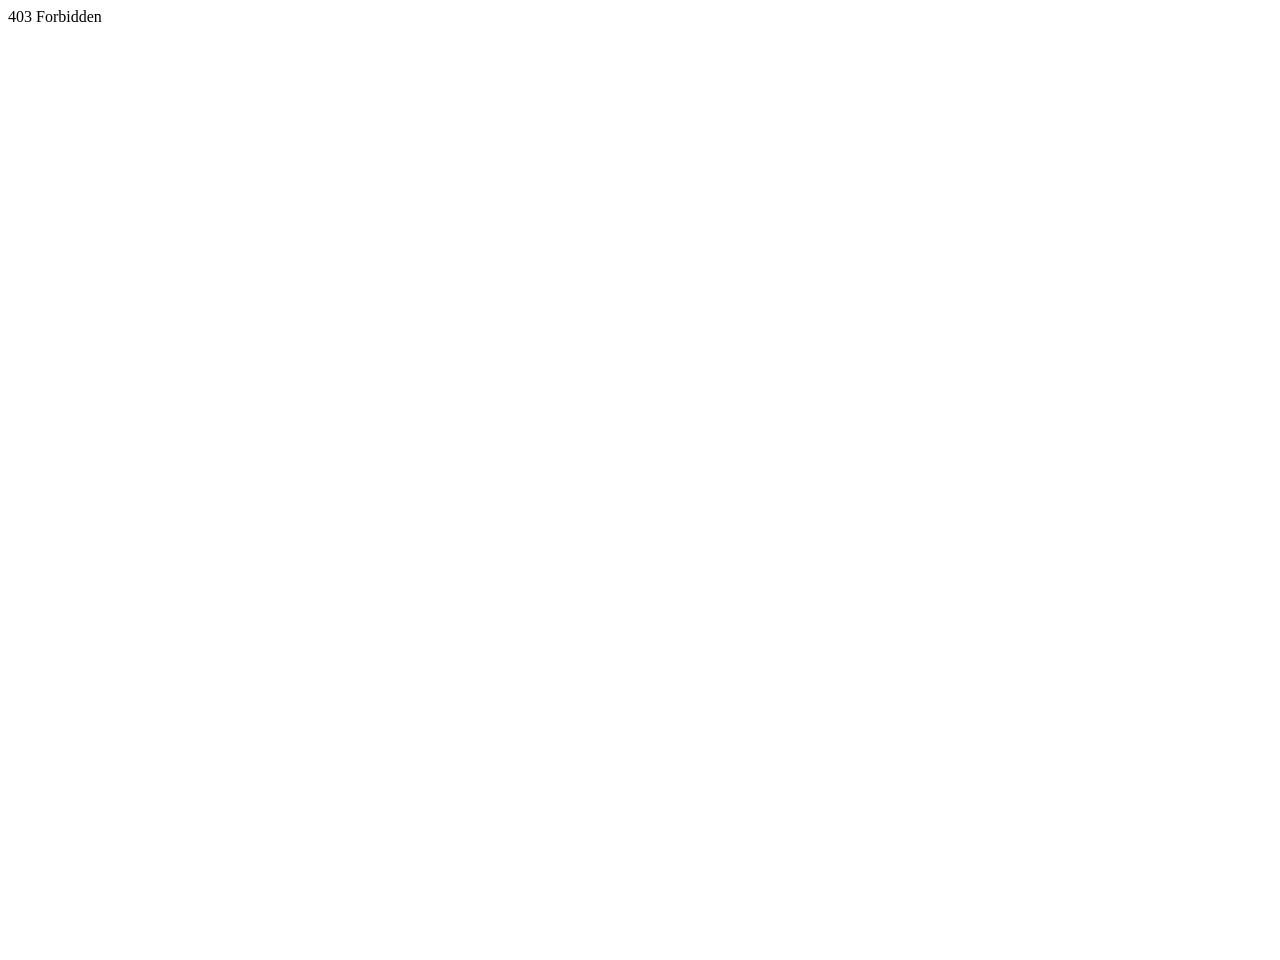 キングハム- 那須の手作りハム ソーセージの製造・販売 手づくりハムのお家・3Dメルヘン水族館では、手作りのハムを食べることができます。